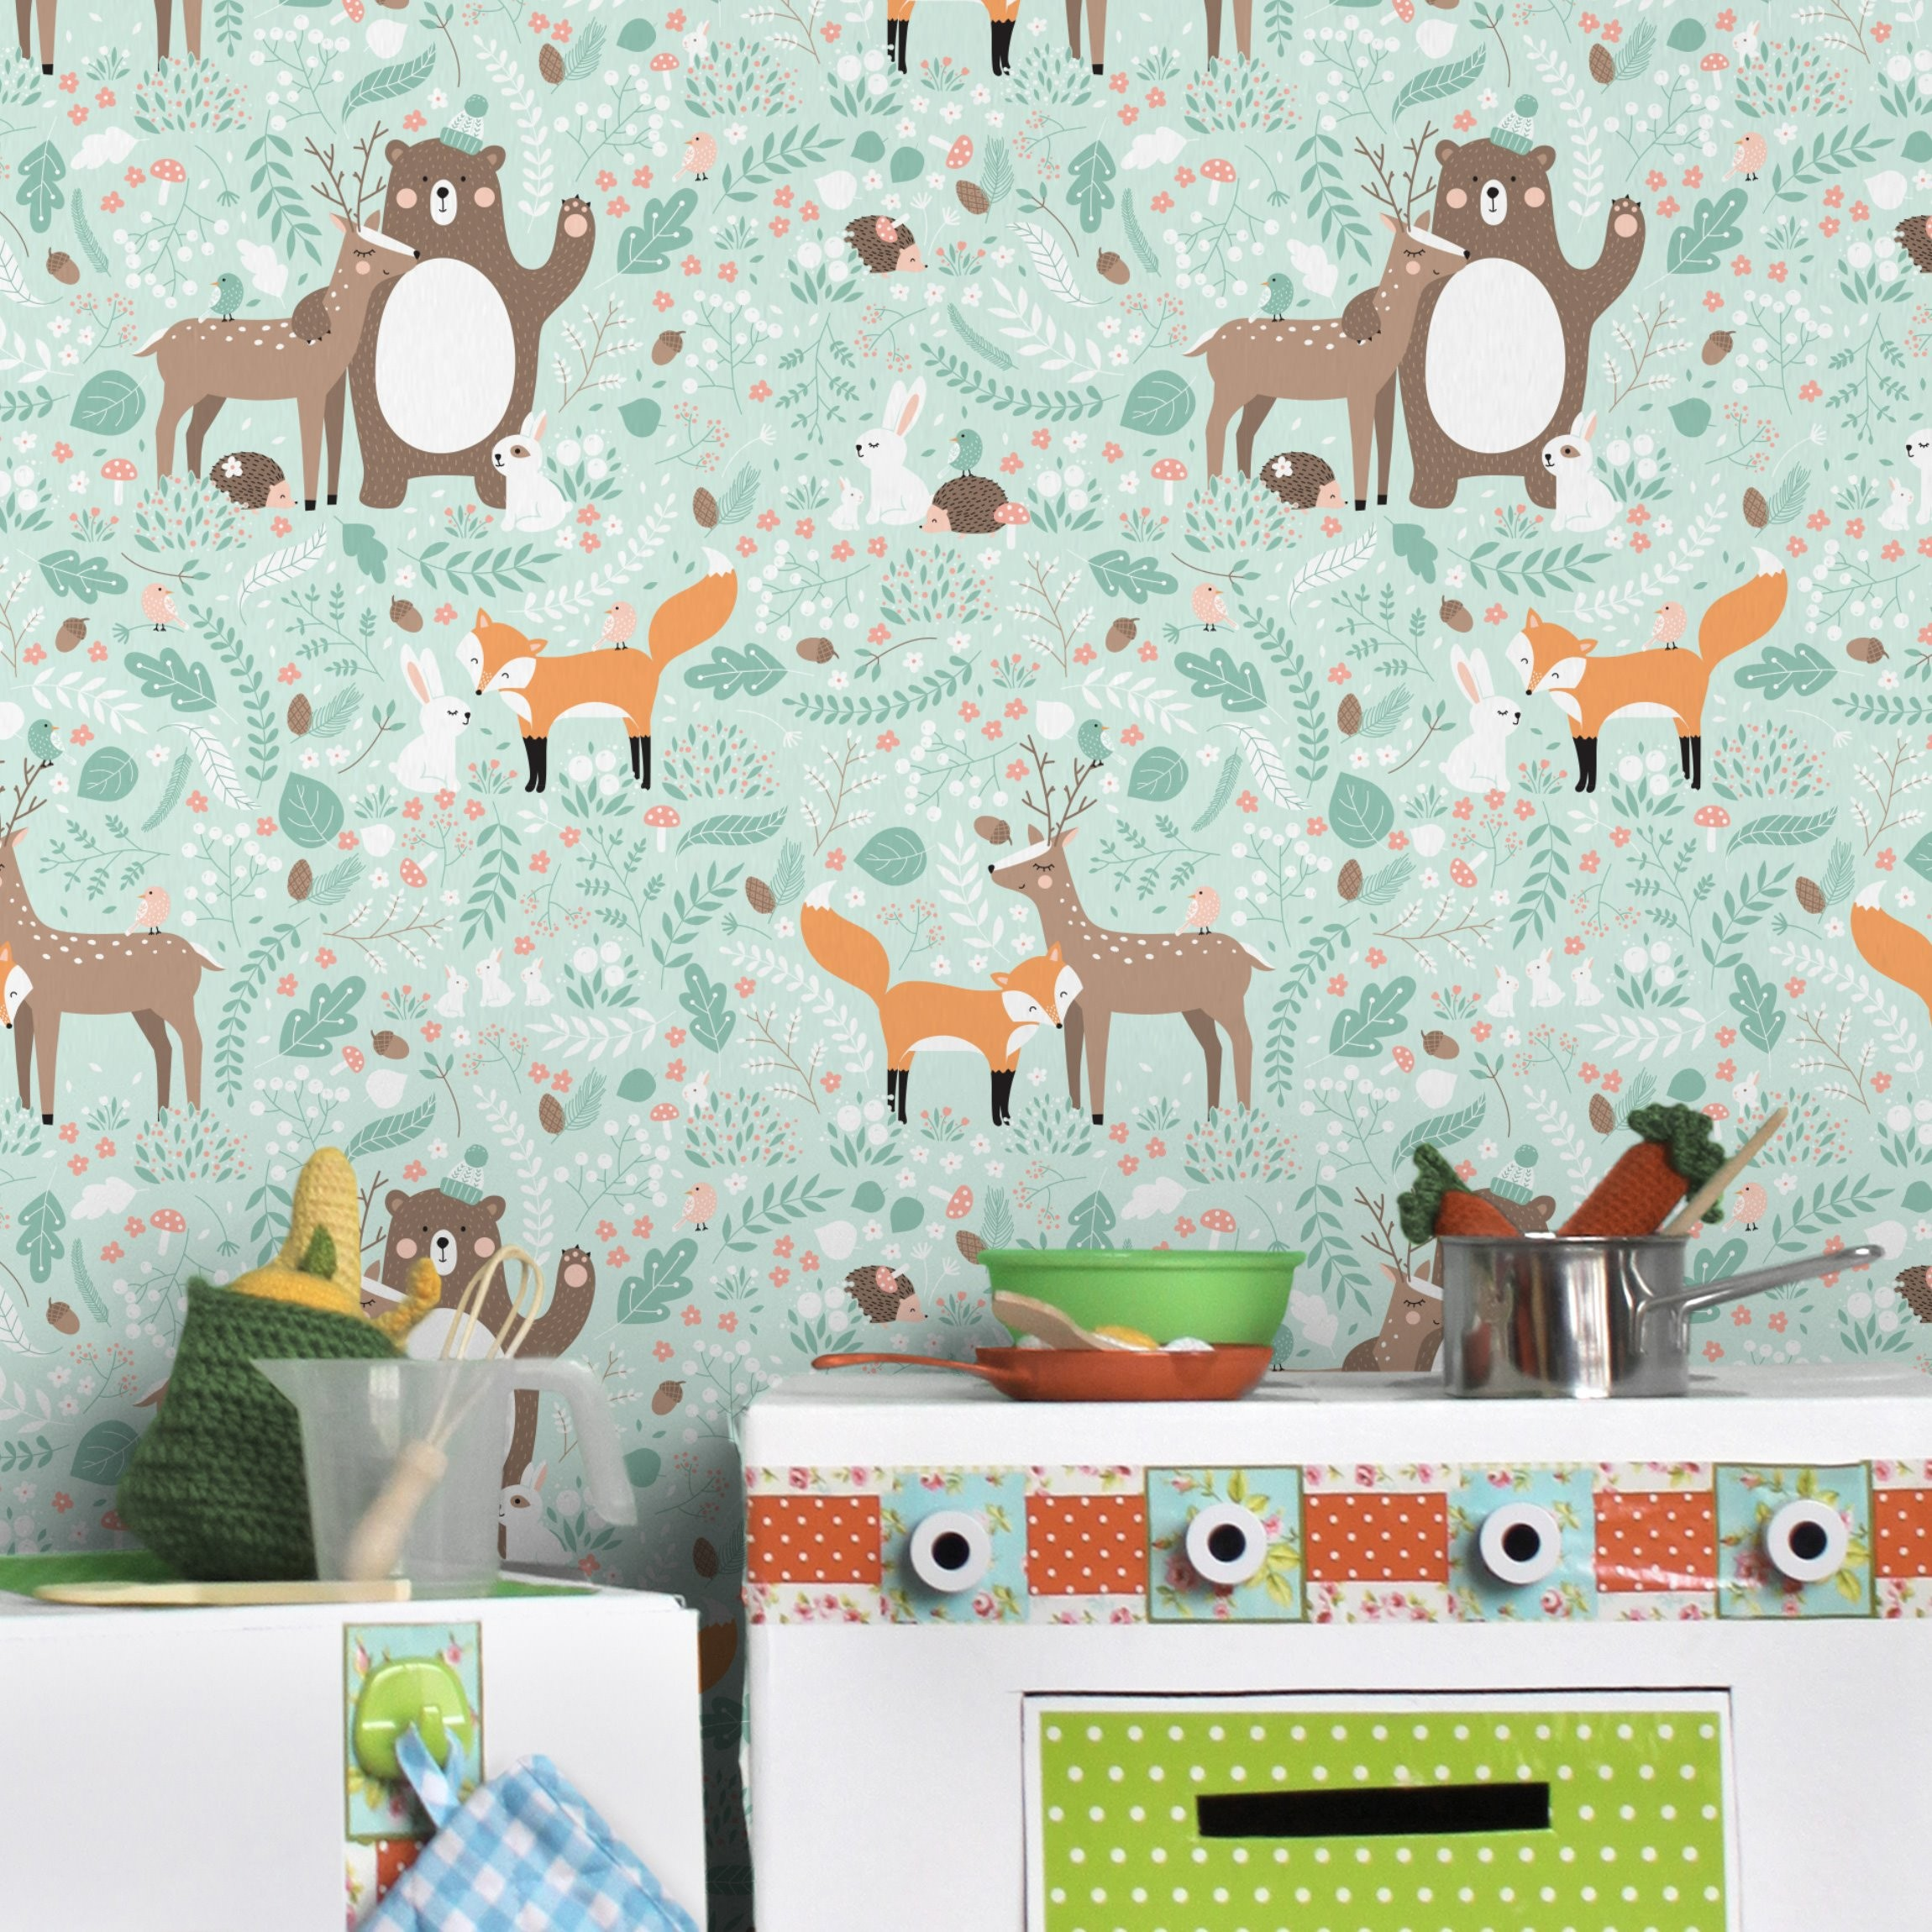 Full Size of Tapeten Kinderzimmer Fototapeten Wohnzimmer Für Küche Die Regal Weiß Sofa Ideen Schlafzimmer Regale Kinderzimmer Tapeten Kinderzimmer